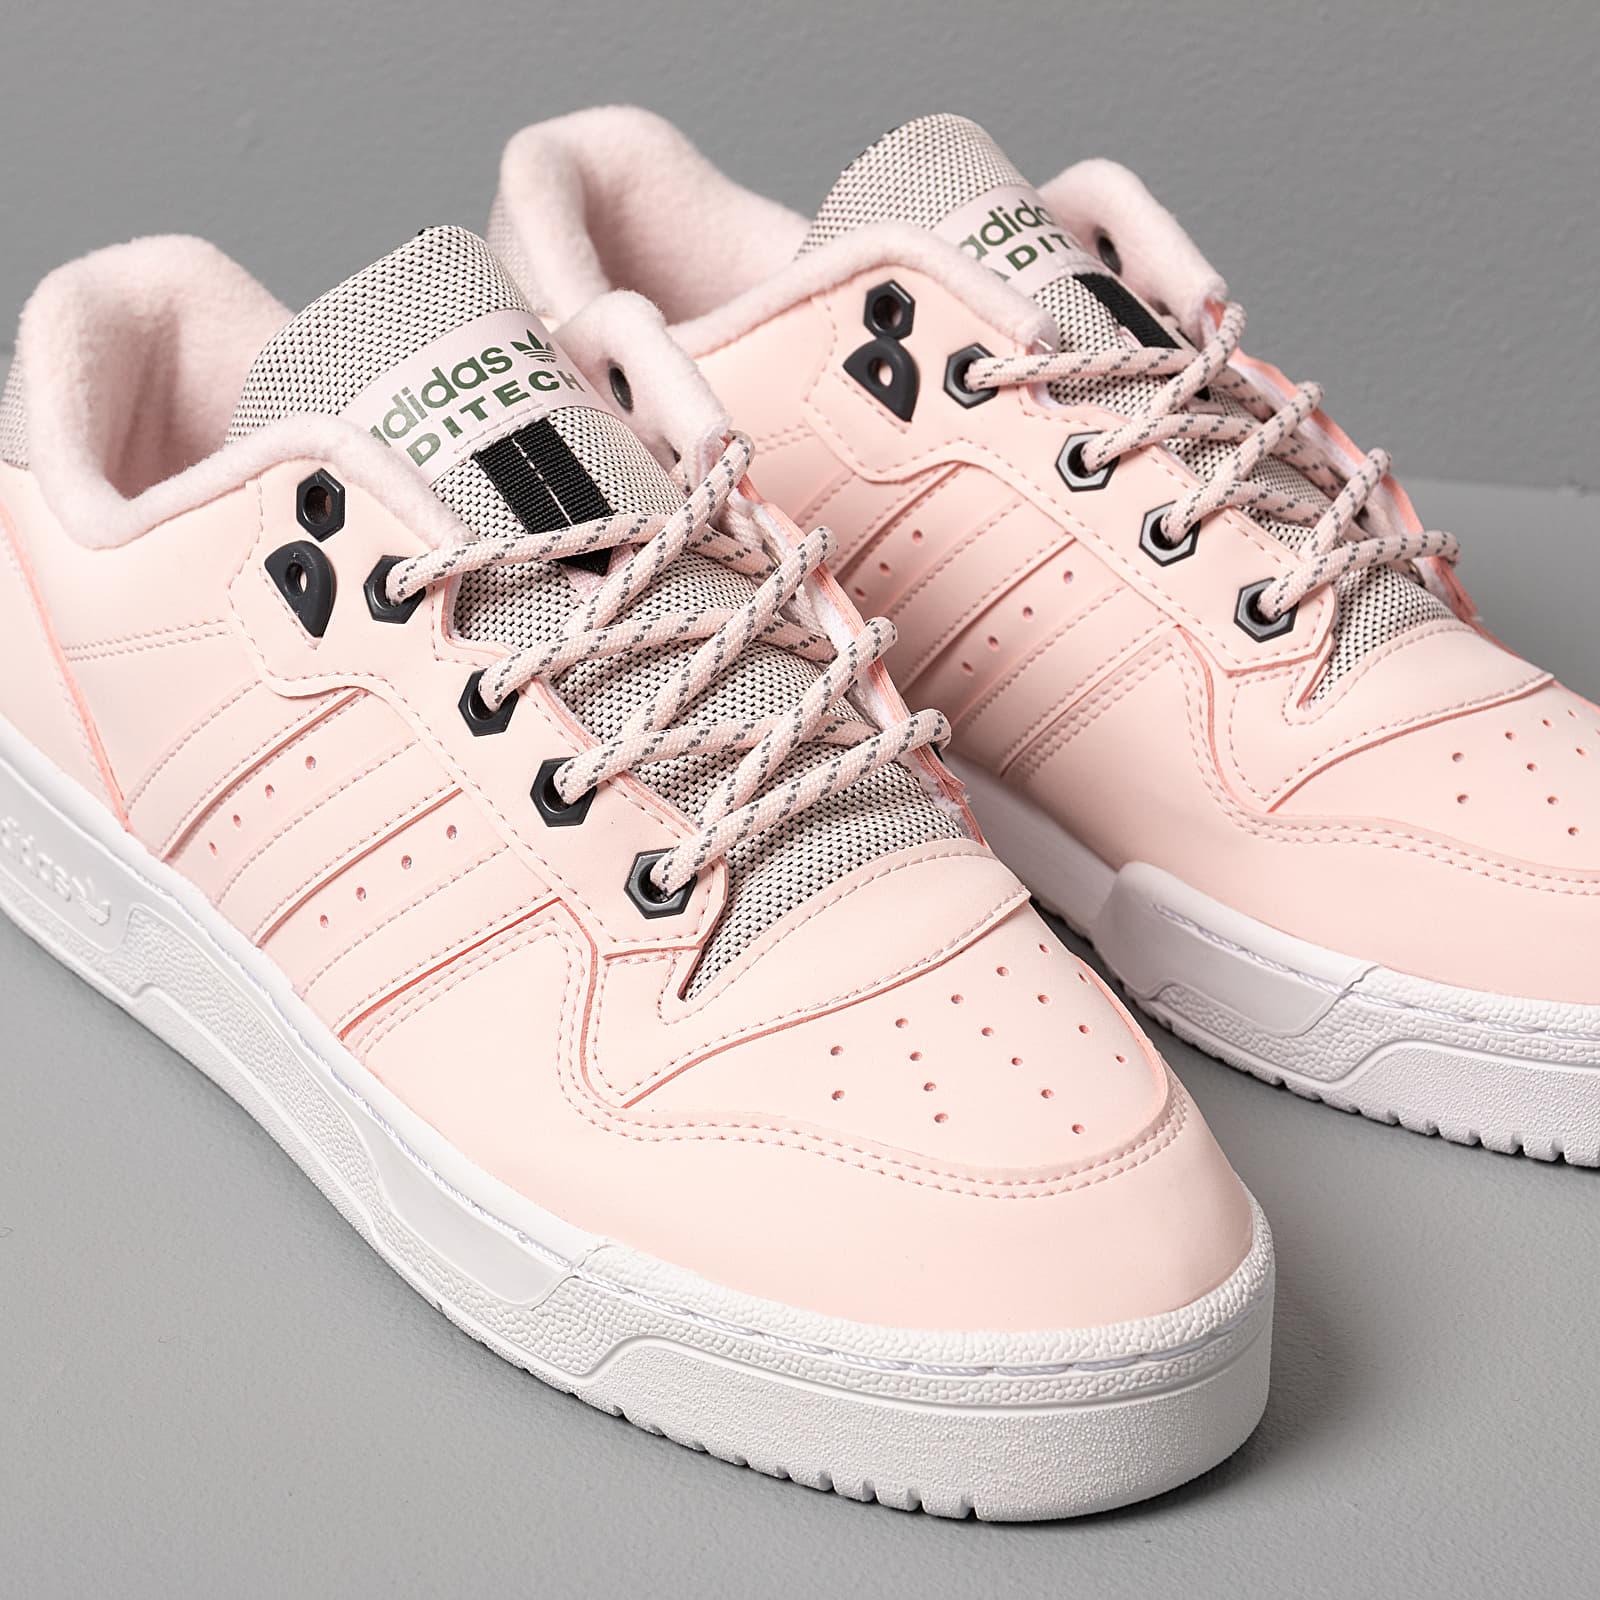 adidas Rivalry Low W Half Pink Half Pink Trace Green | Footshop